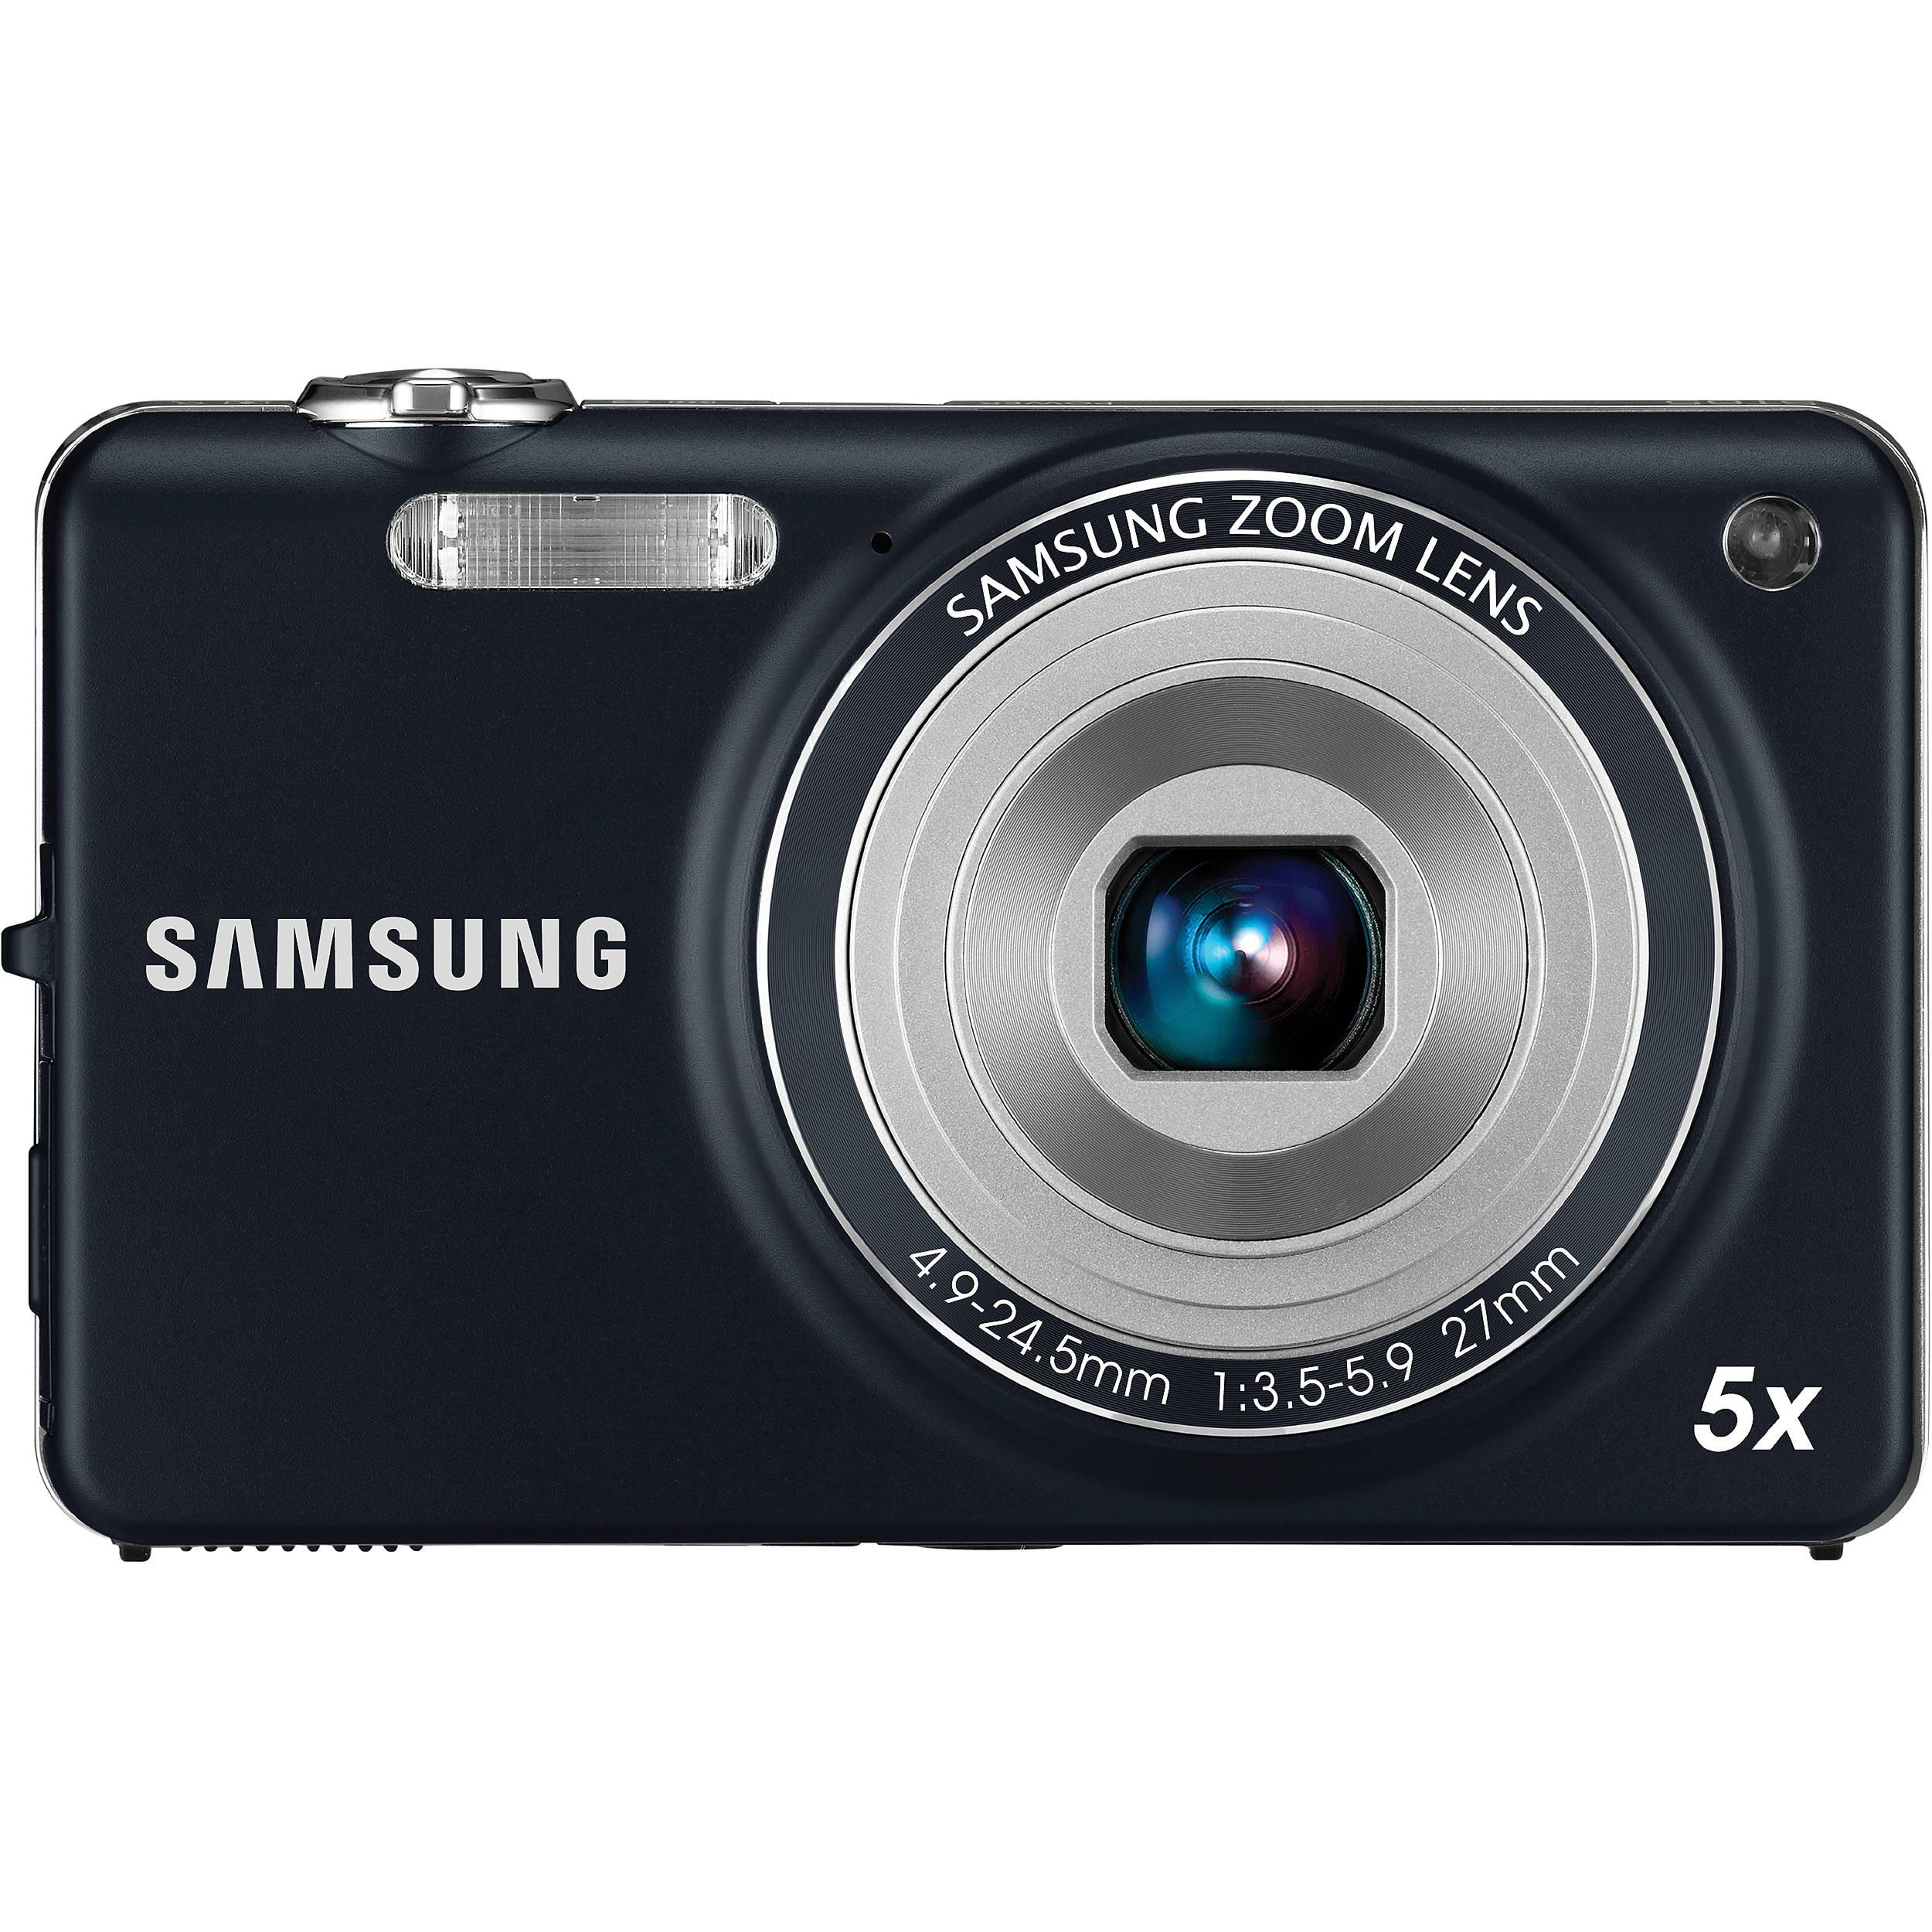 Samsung ST65 Digital Camera (Indigo Blue) EC-ST65ZZBPUUS B&H